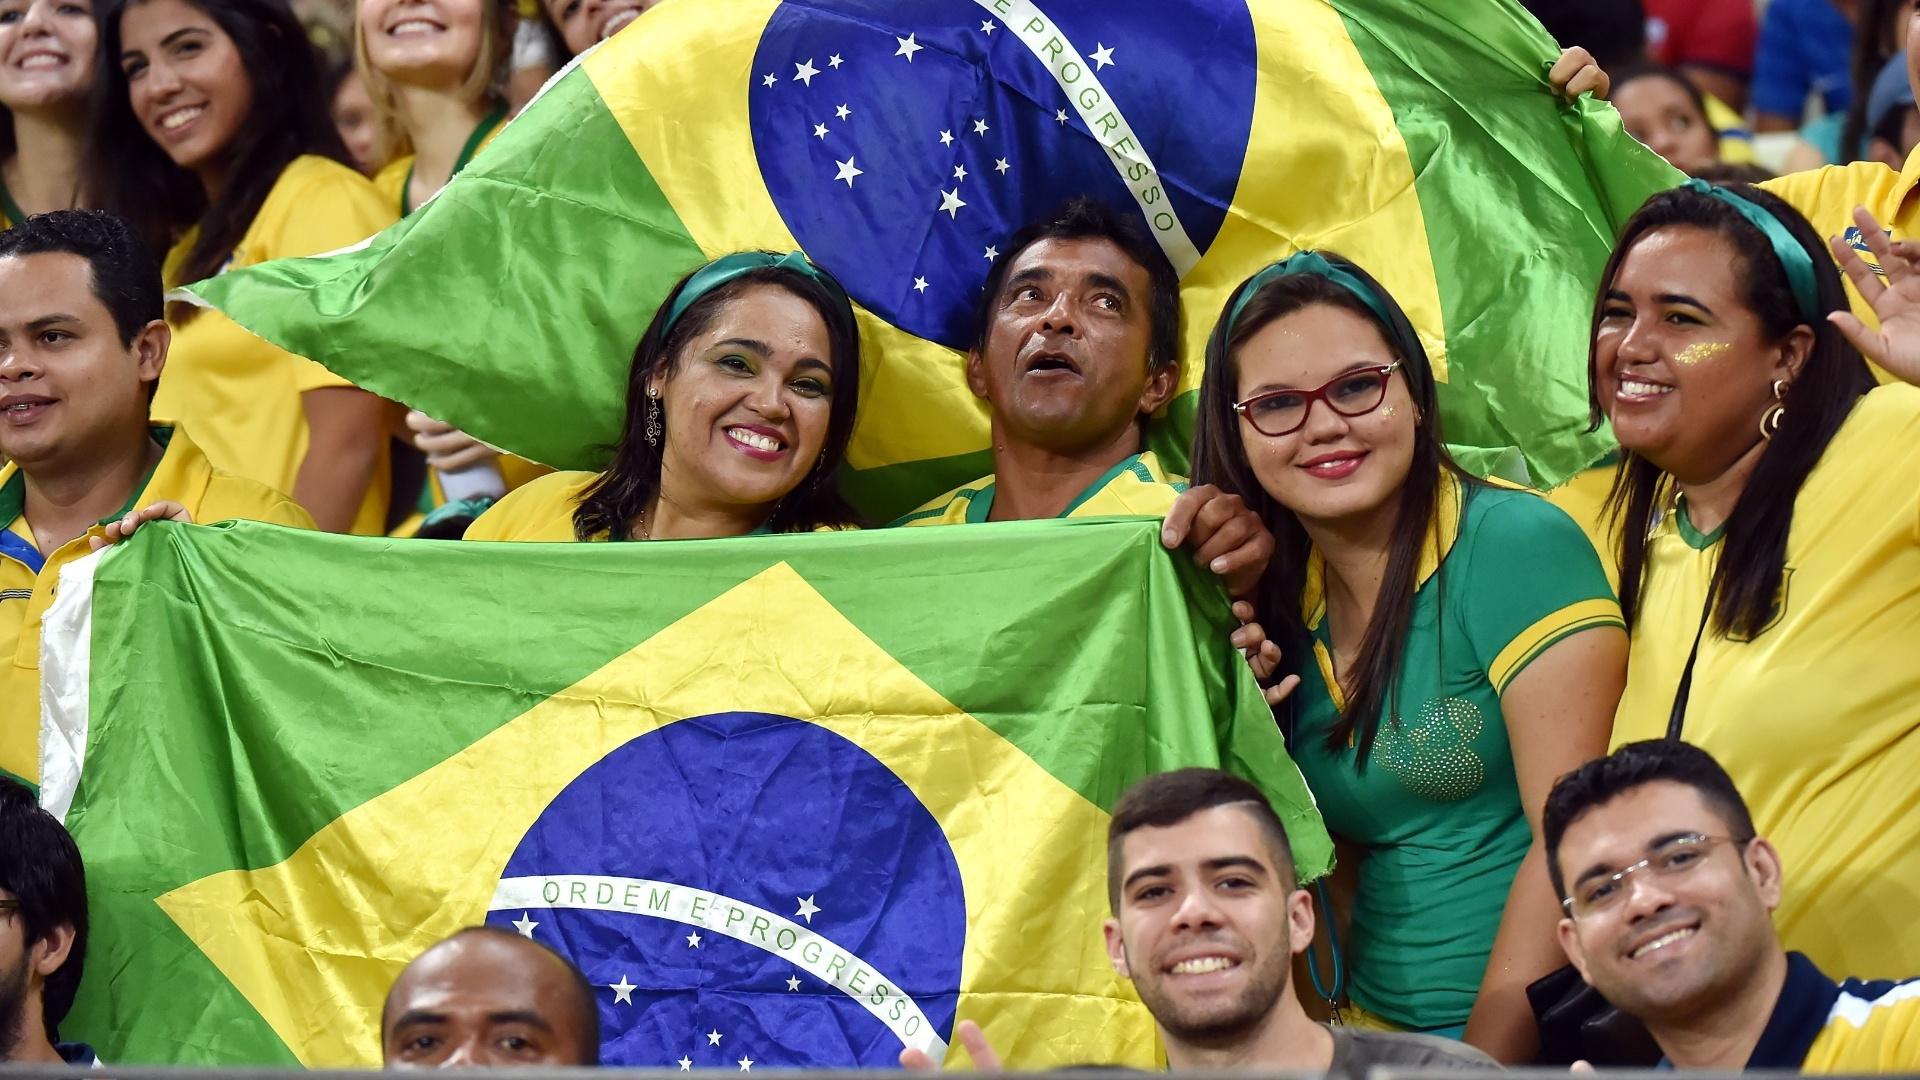 Torcida do Brasil já está no Castelão para acompanhar a partida da seleção contra a Venezuela pelas Eliminatórias da Copa